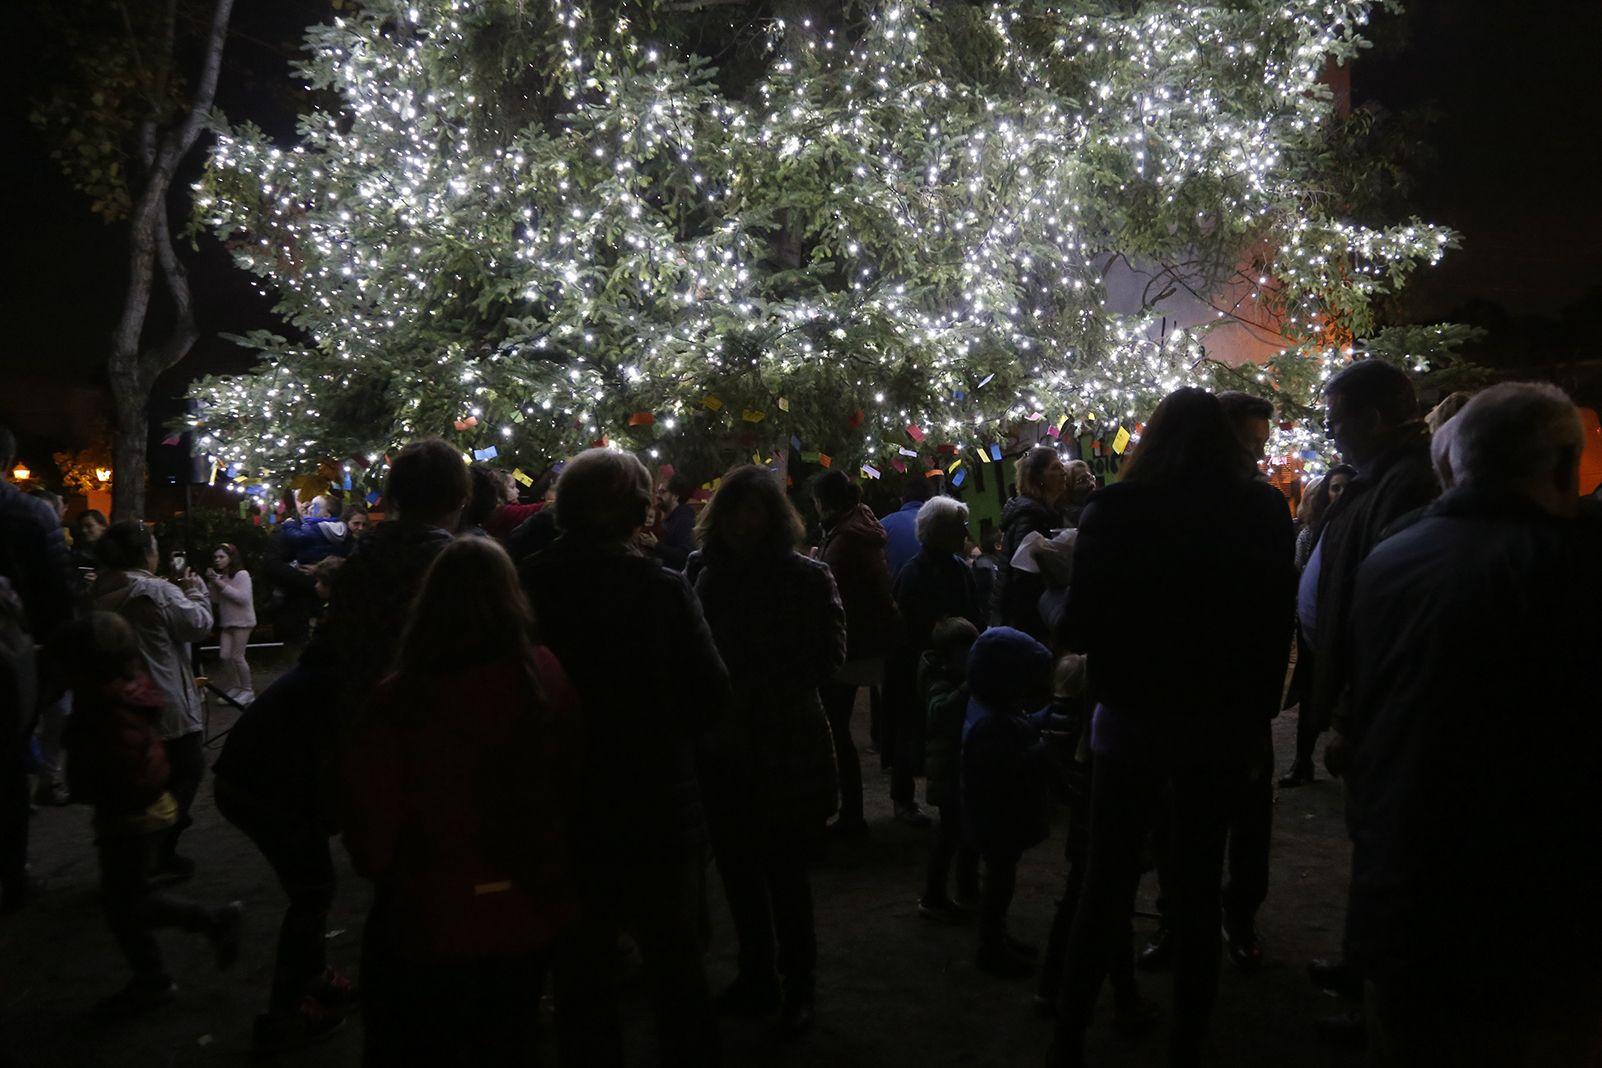 Encesa de llums de l'arbe de nadal de Valldoreix. FOTO: Anna Bassa